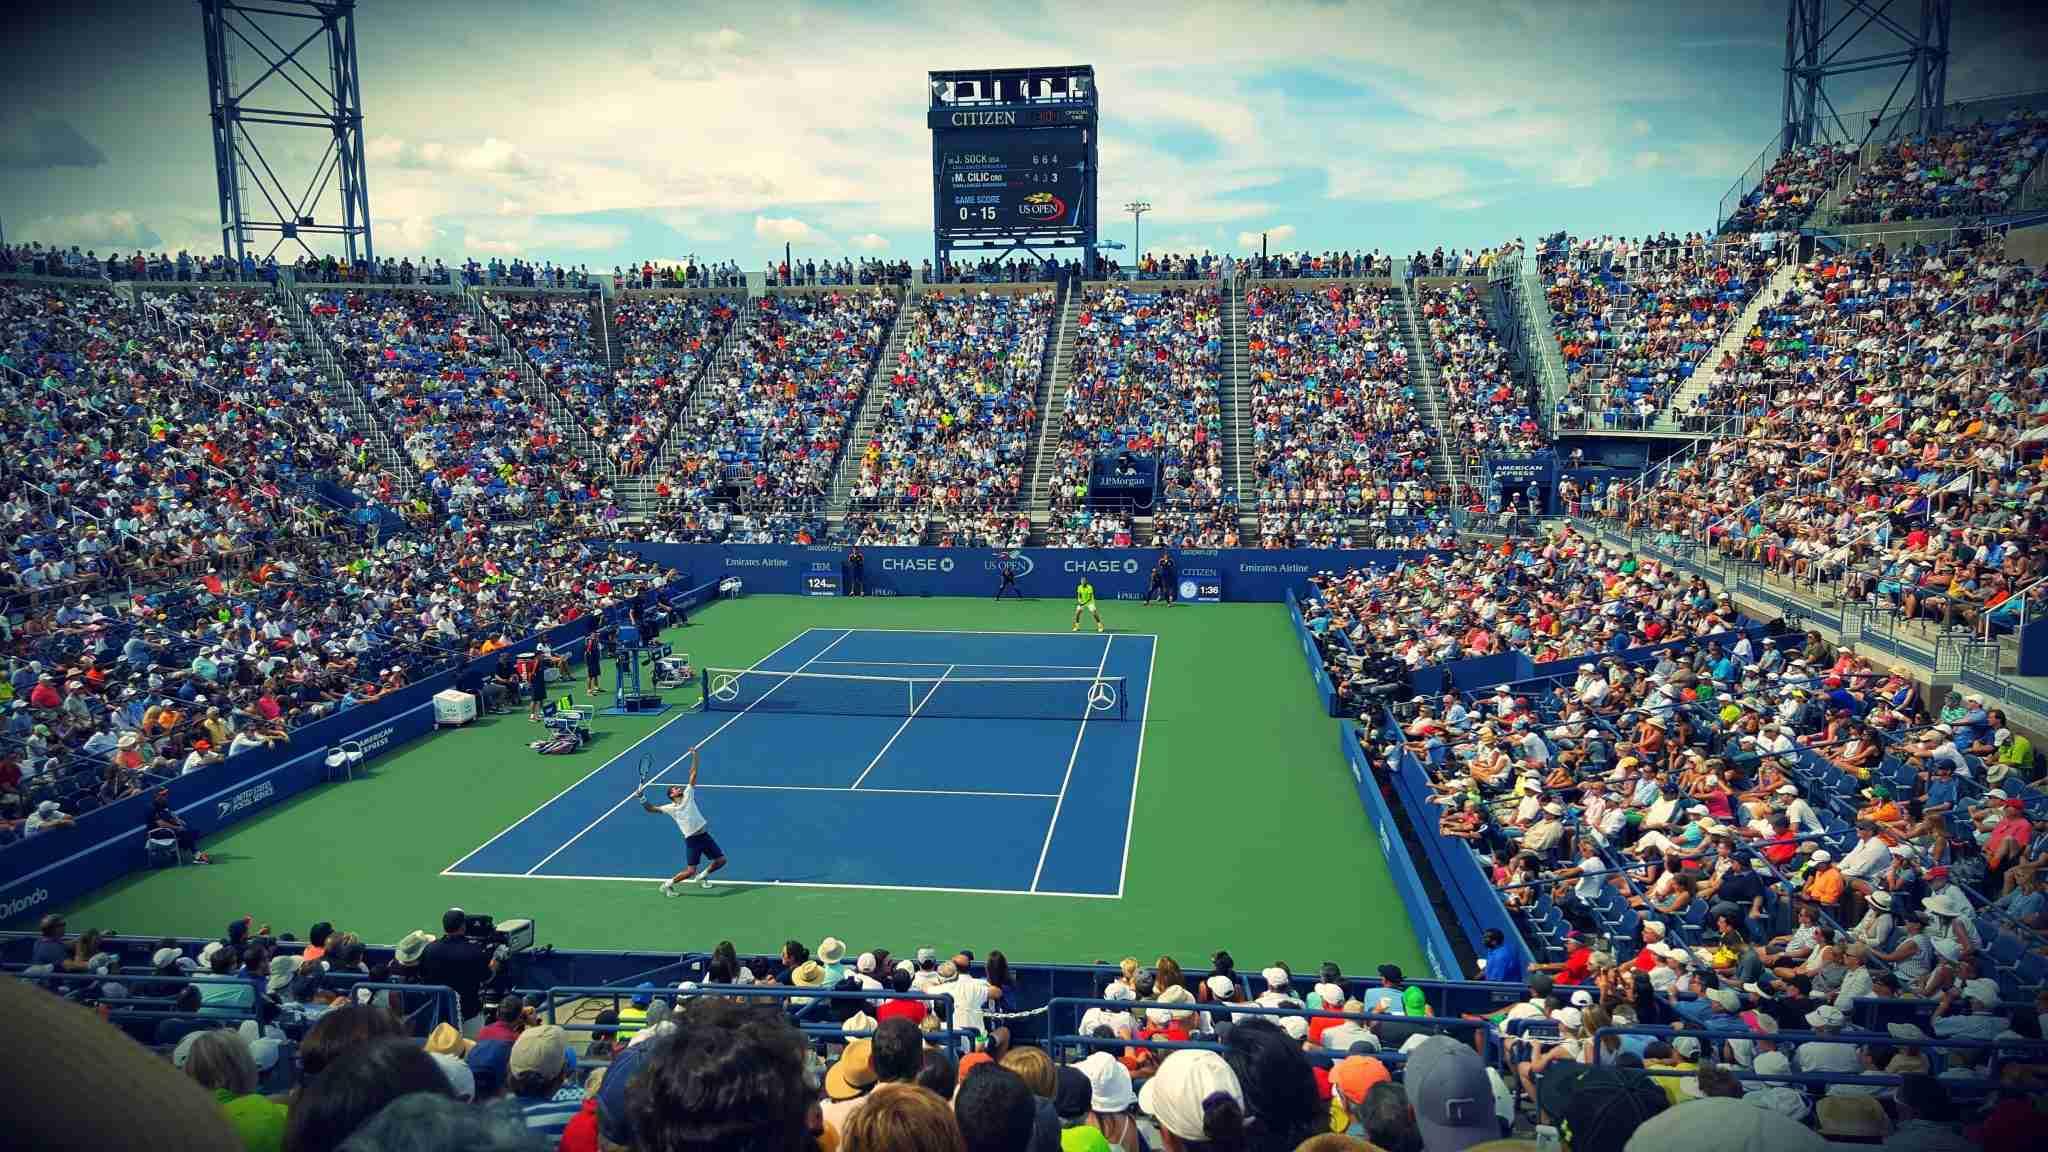 US Open Tennis Match